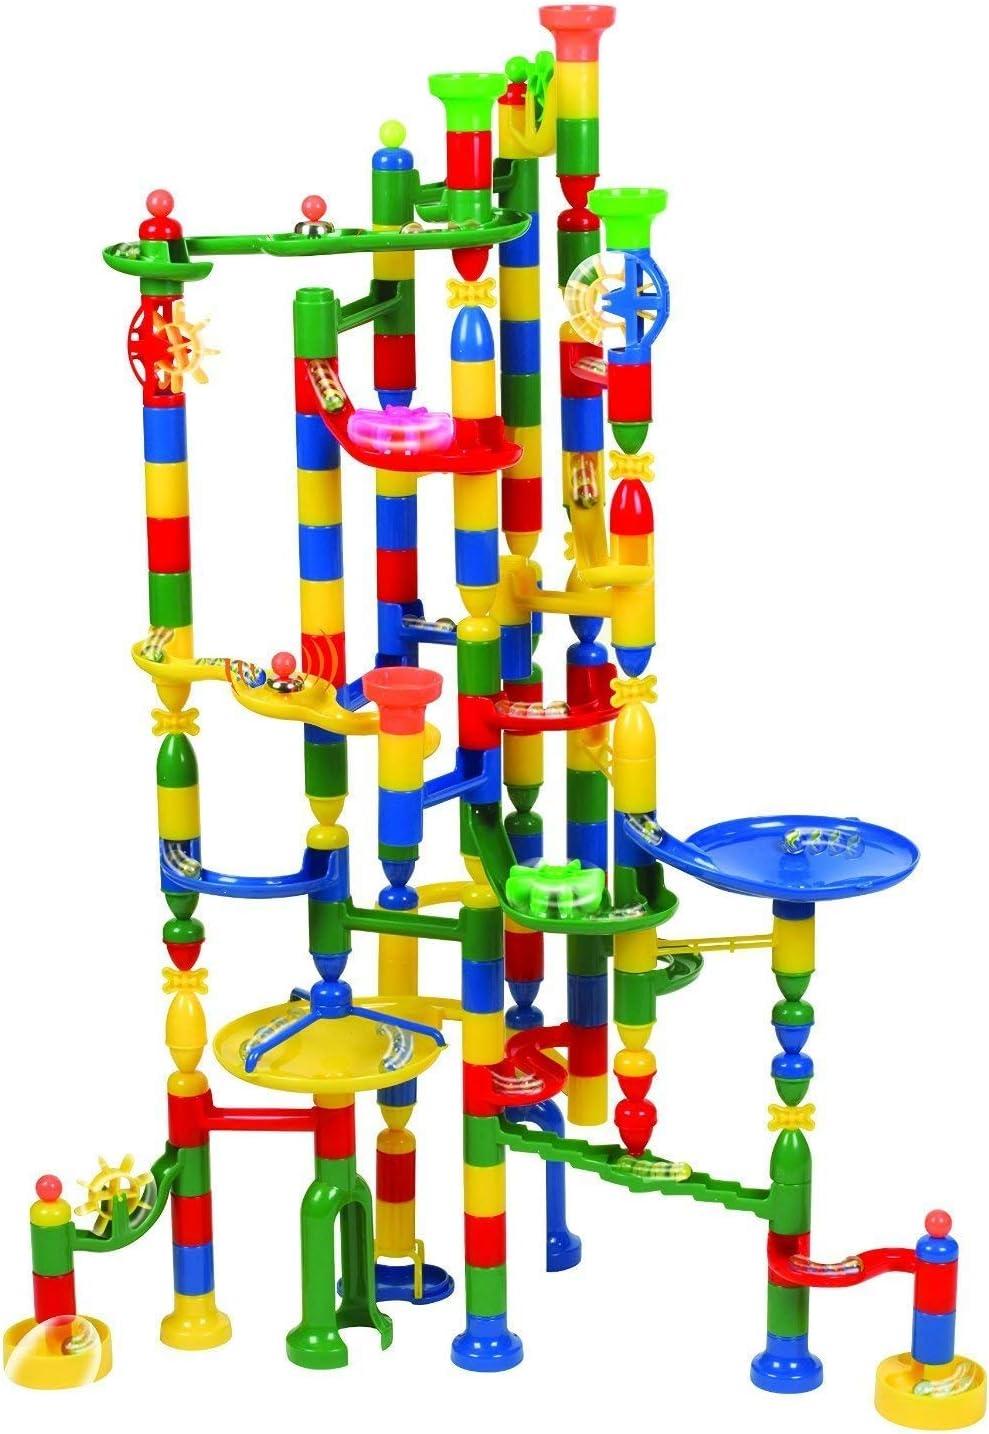 36X18X42.5cm Pista de carreras de m/ármol laberinto de m/ármol STEM Tower Toy para 4 a/ños 113 piezas 30 canicas de vidrio y 83 bloques de construcci/ón Juegos de carreras de m/ármol m/ás nuevos